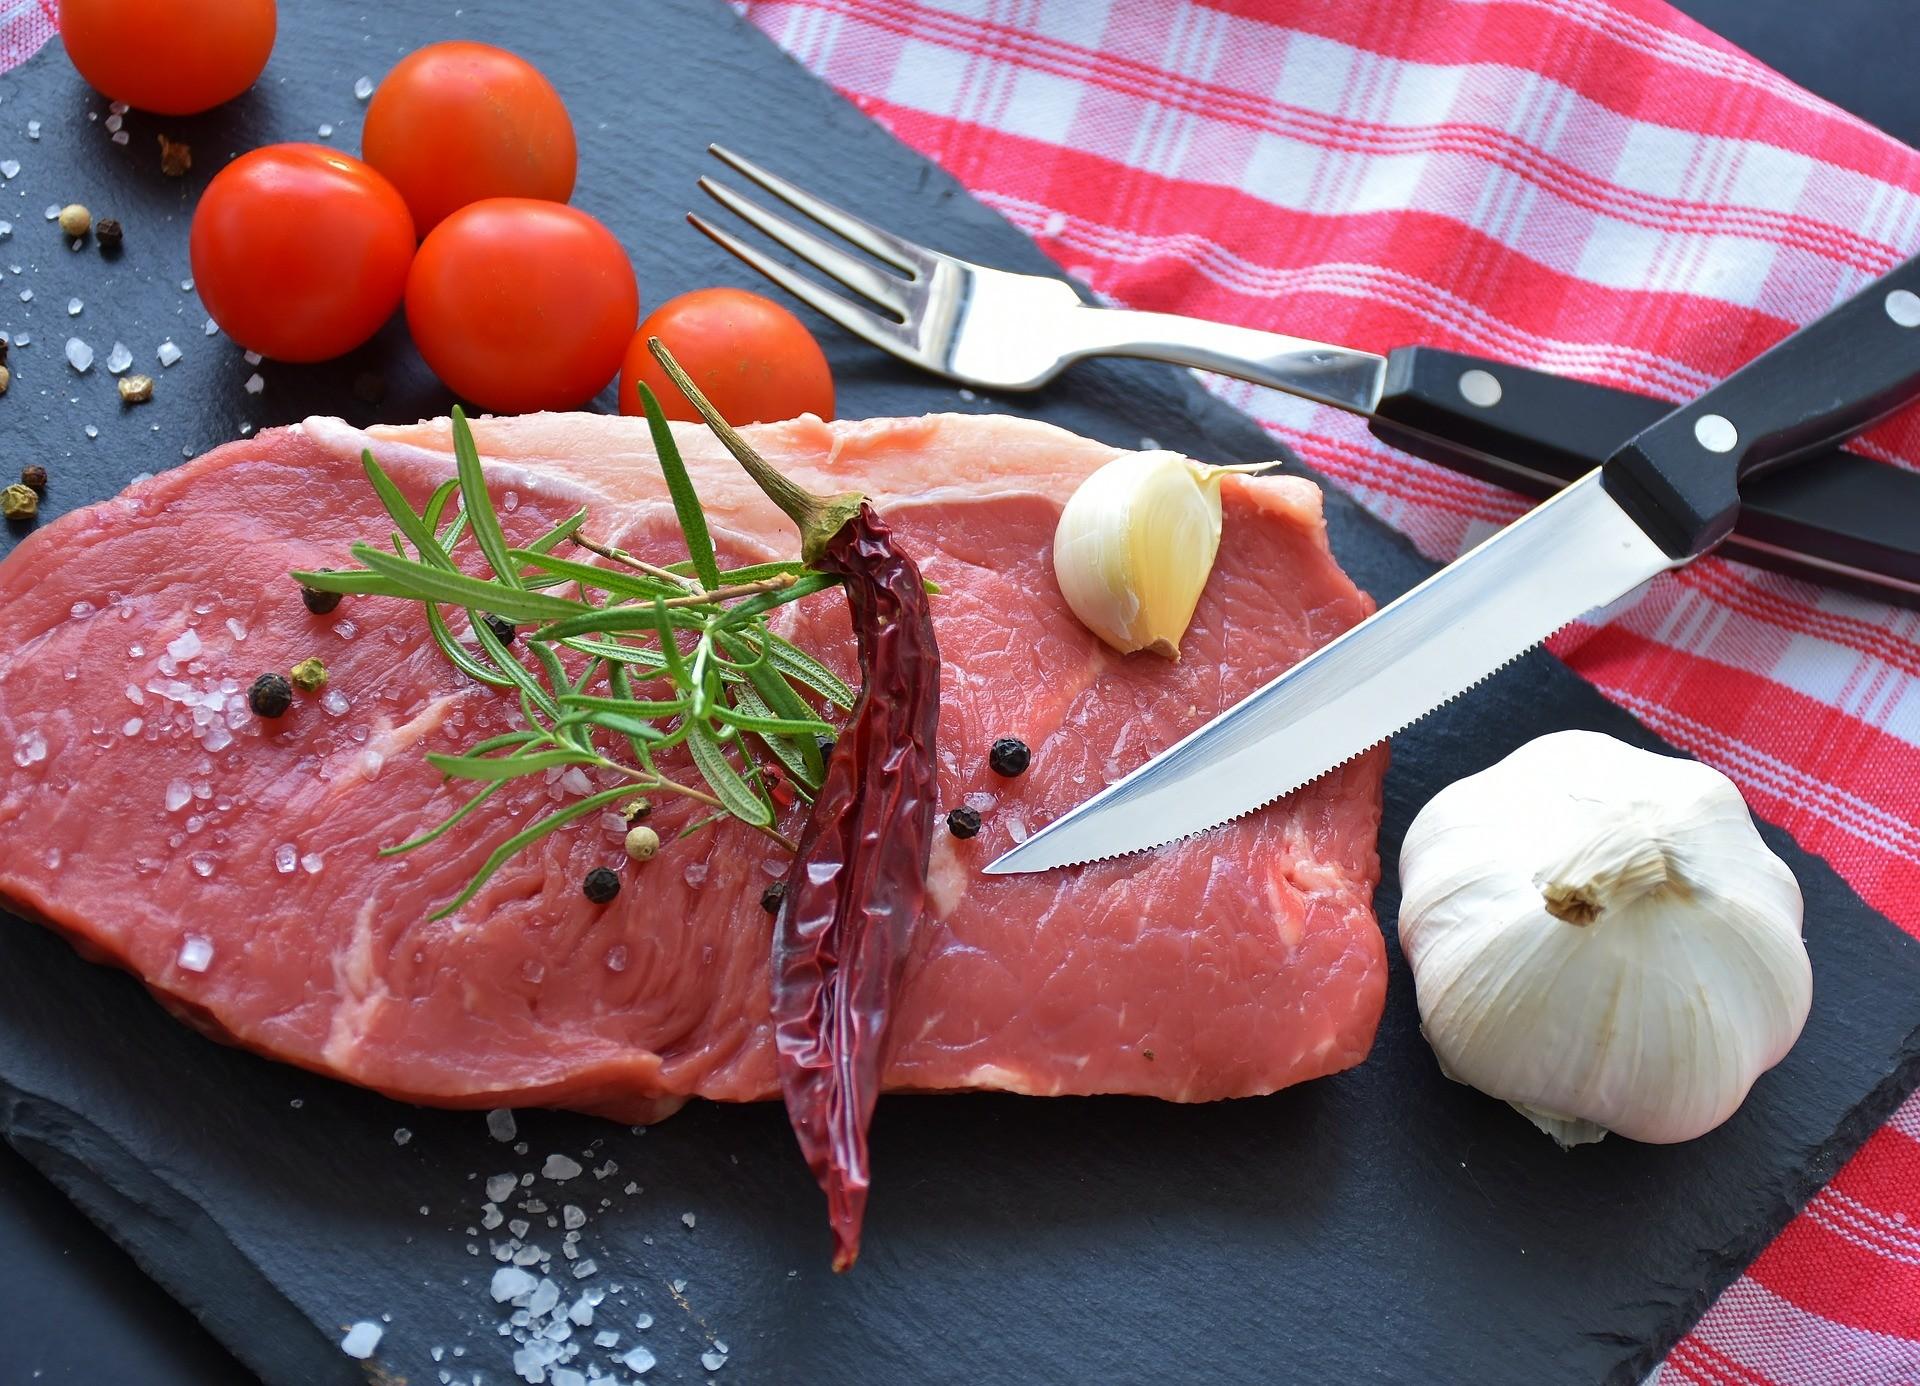 ▲肉的顏色。(圖/取自免費圖庫pixabay)